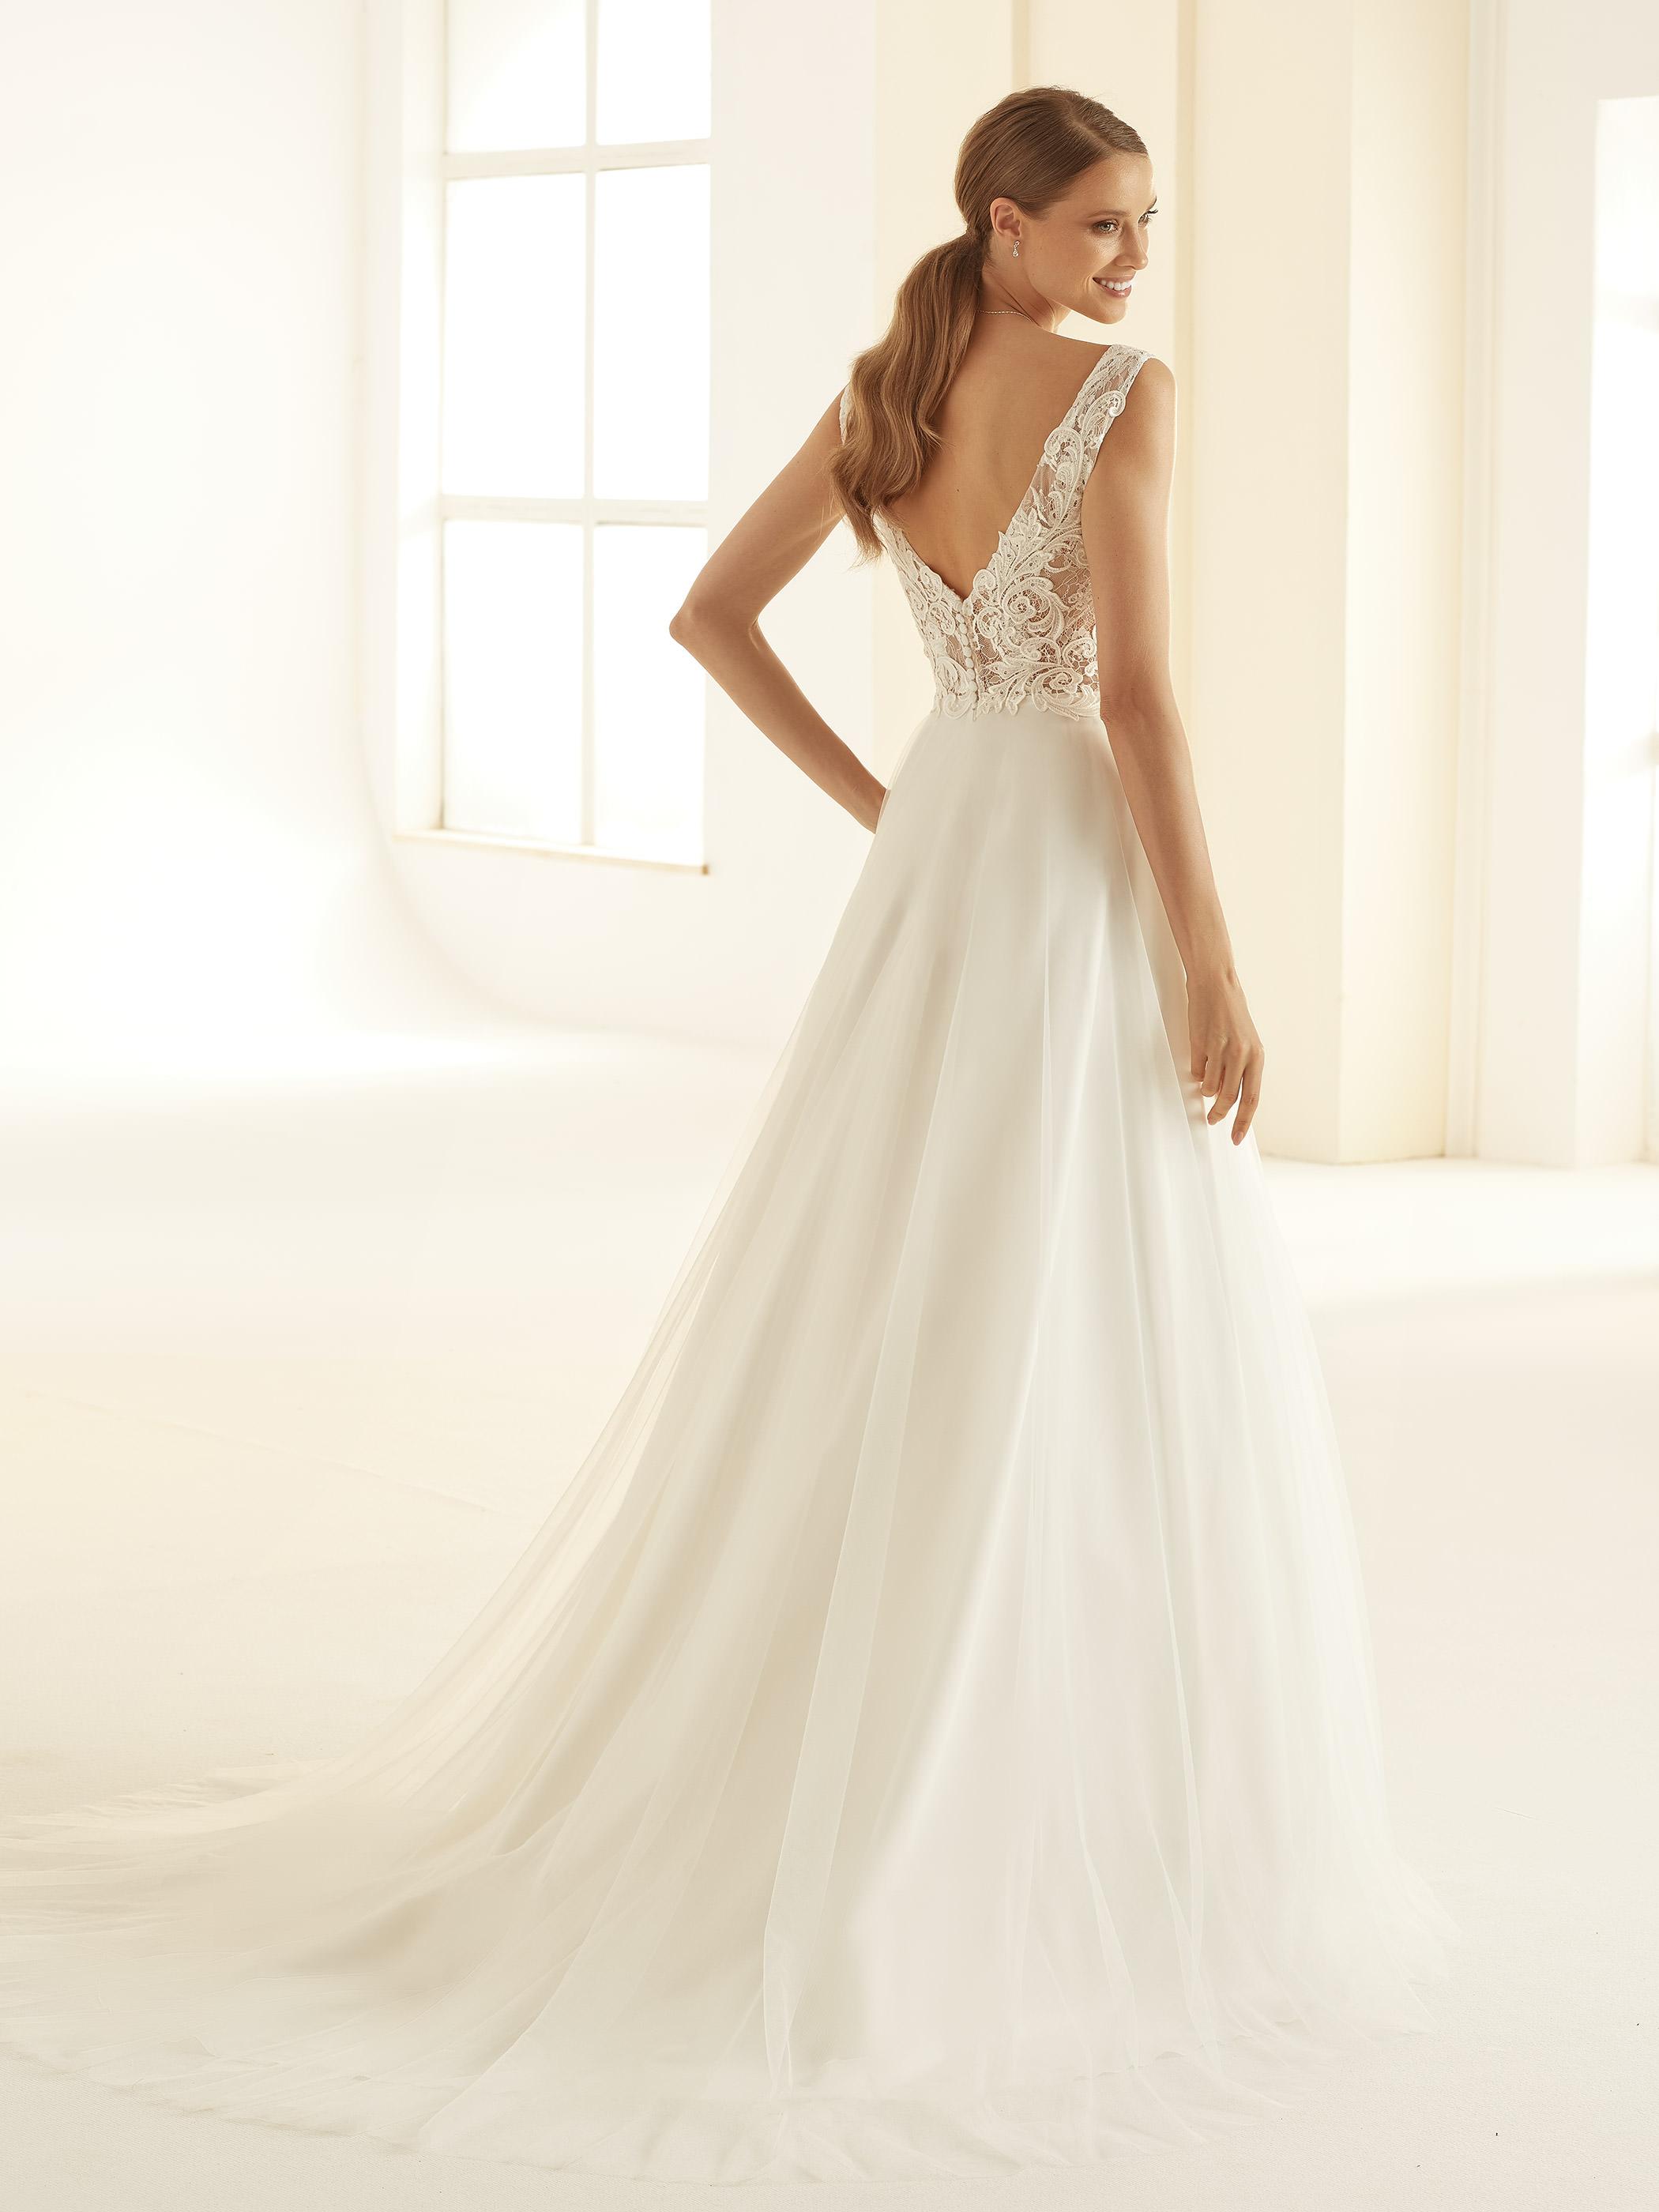 PRECIOSA-Bianco-Evento-bridal-dress-(3)